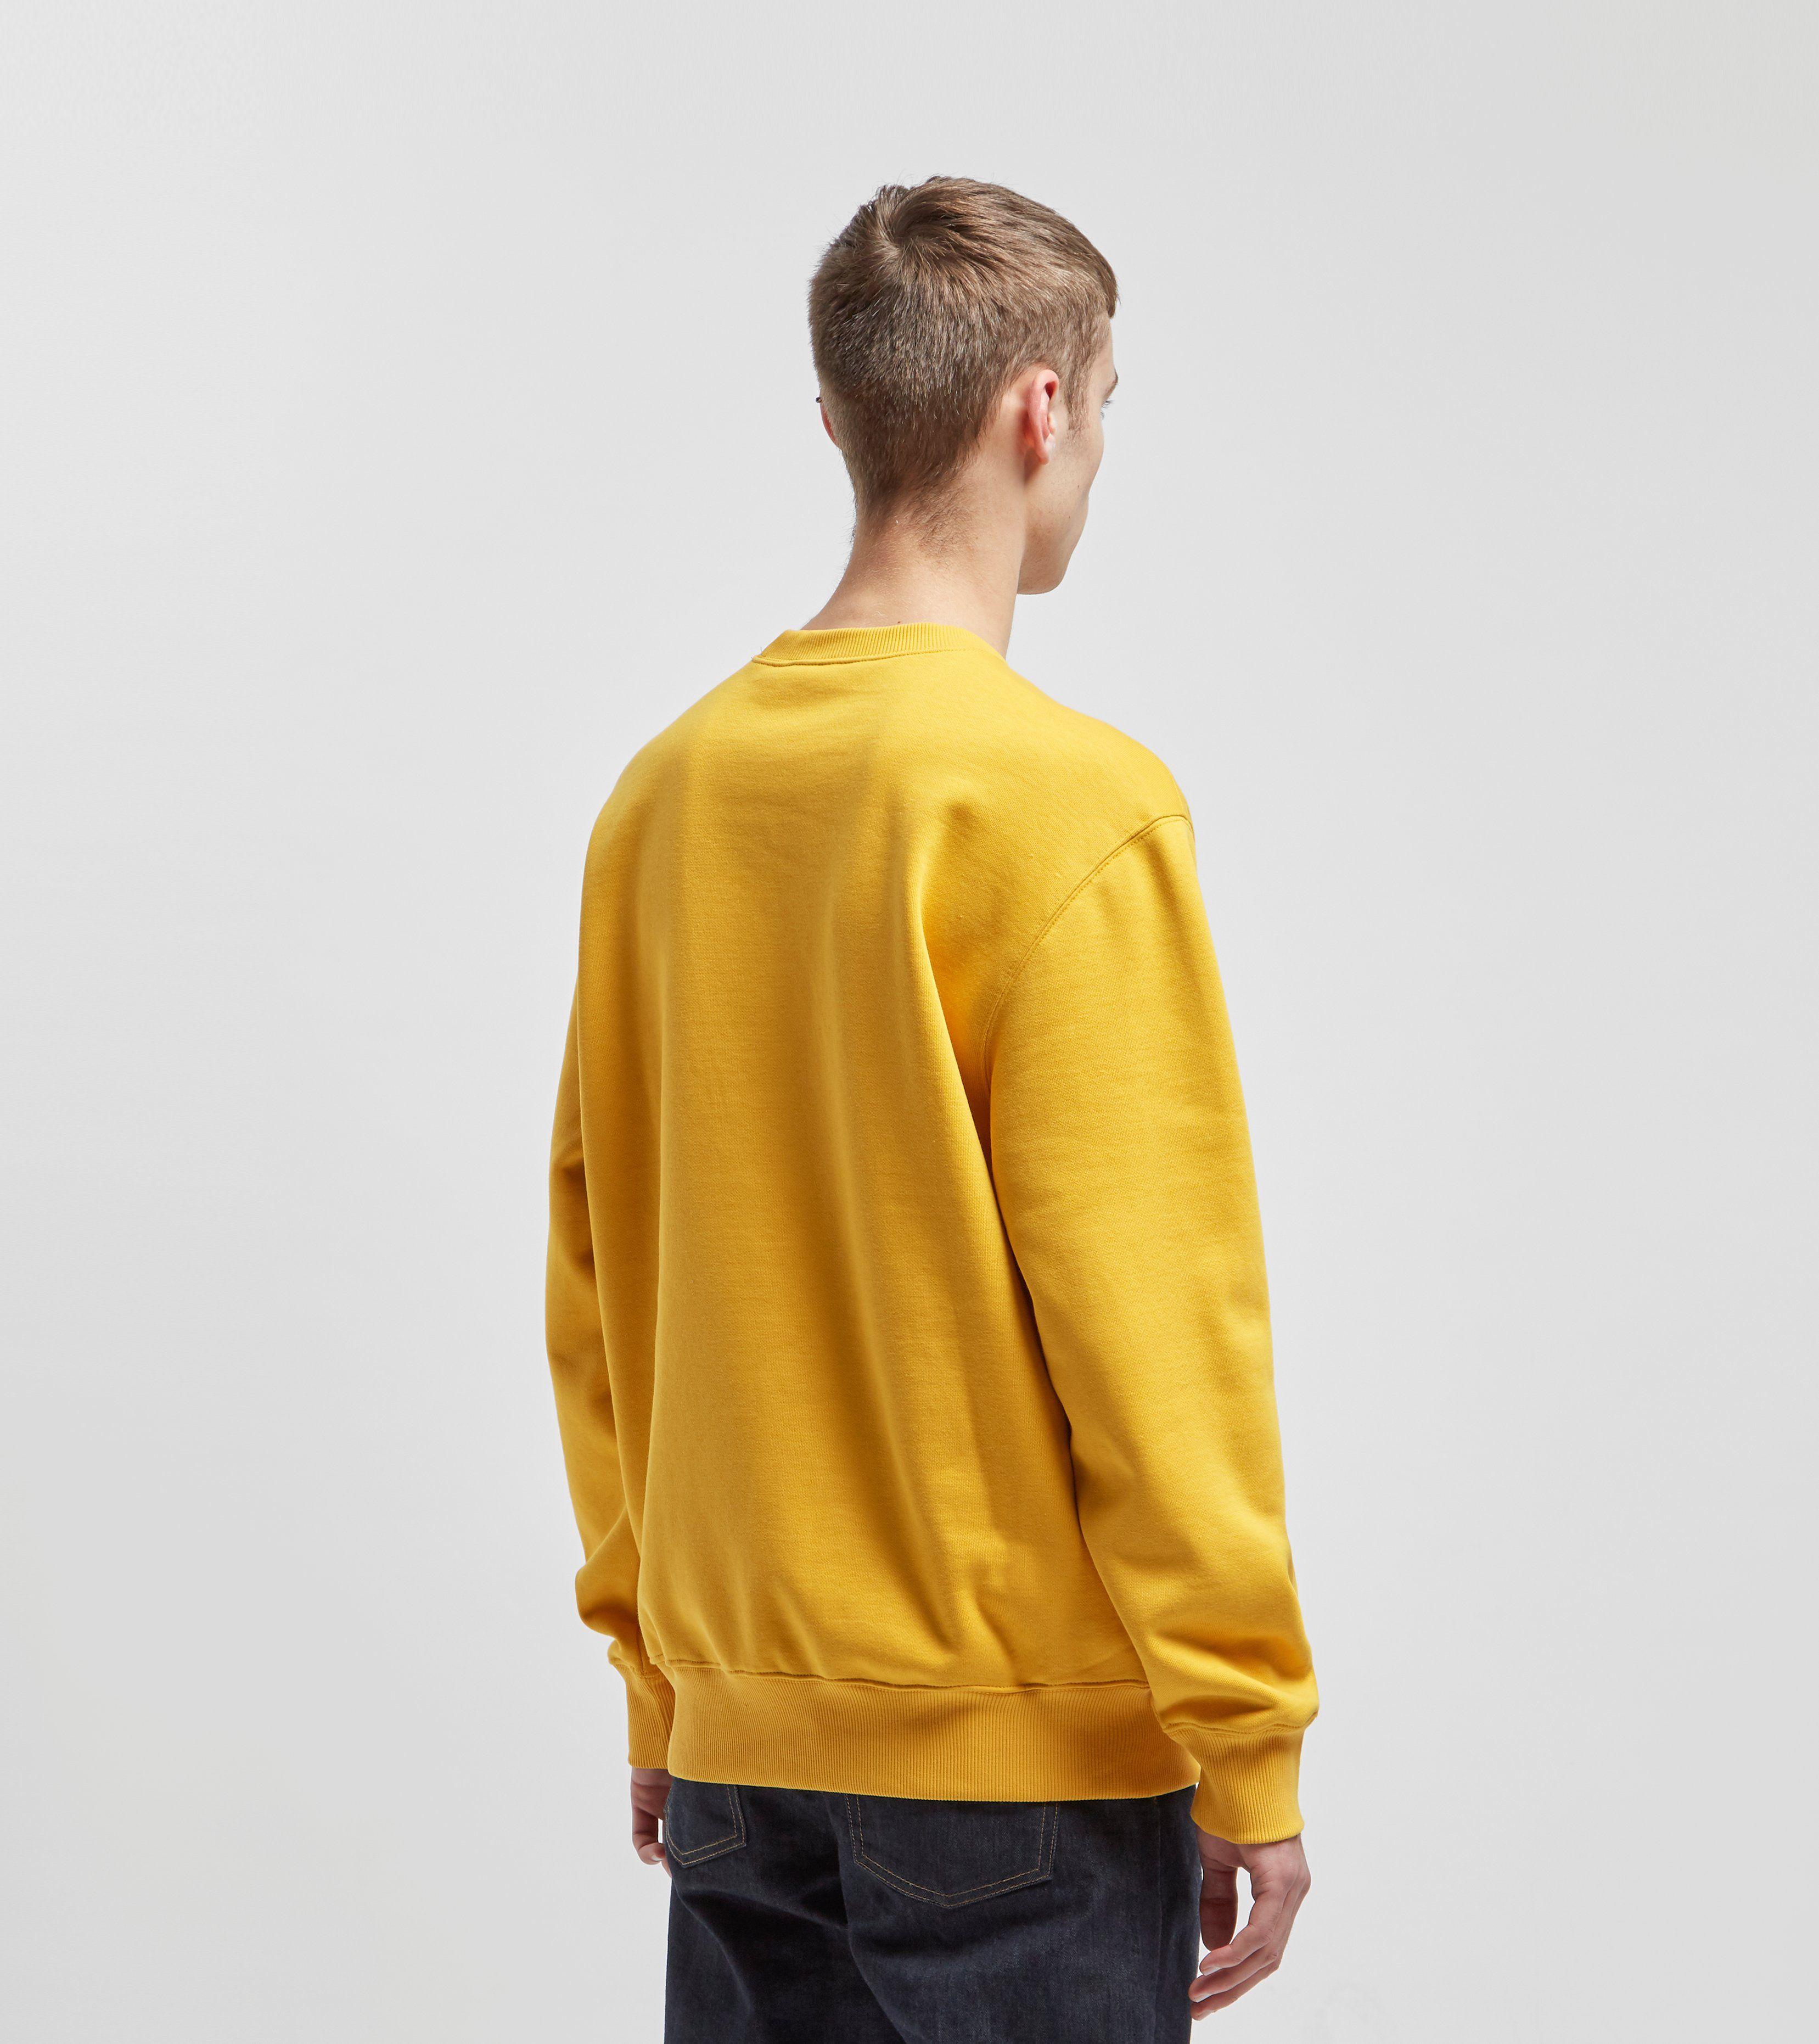 Carhartt WIP Script Sweatshirt - size? Exclusive